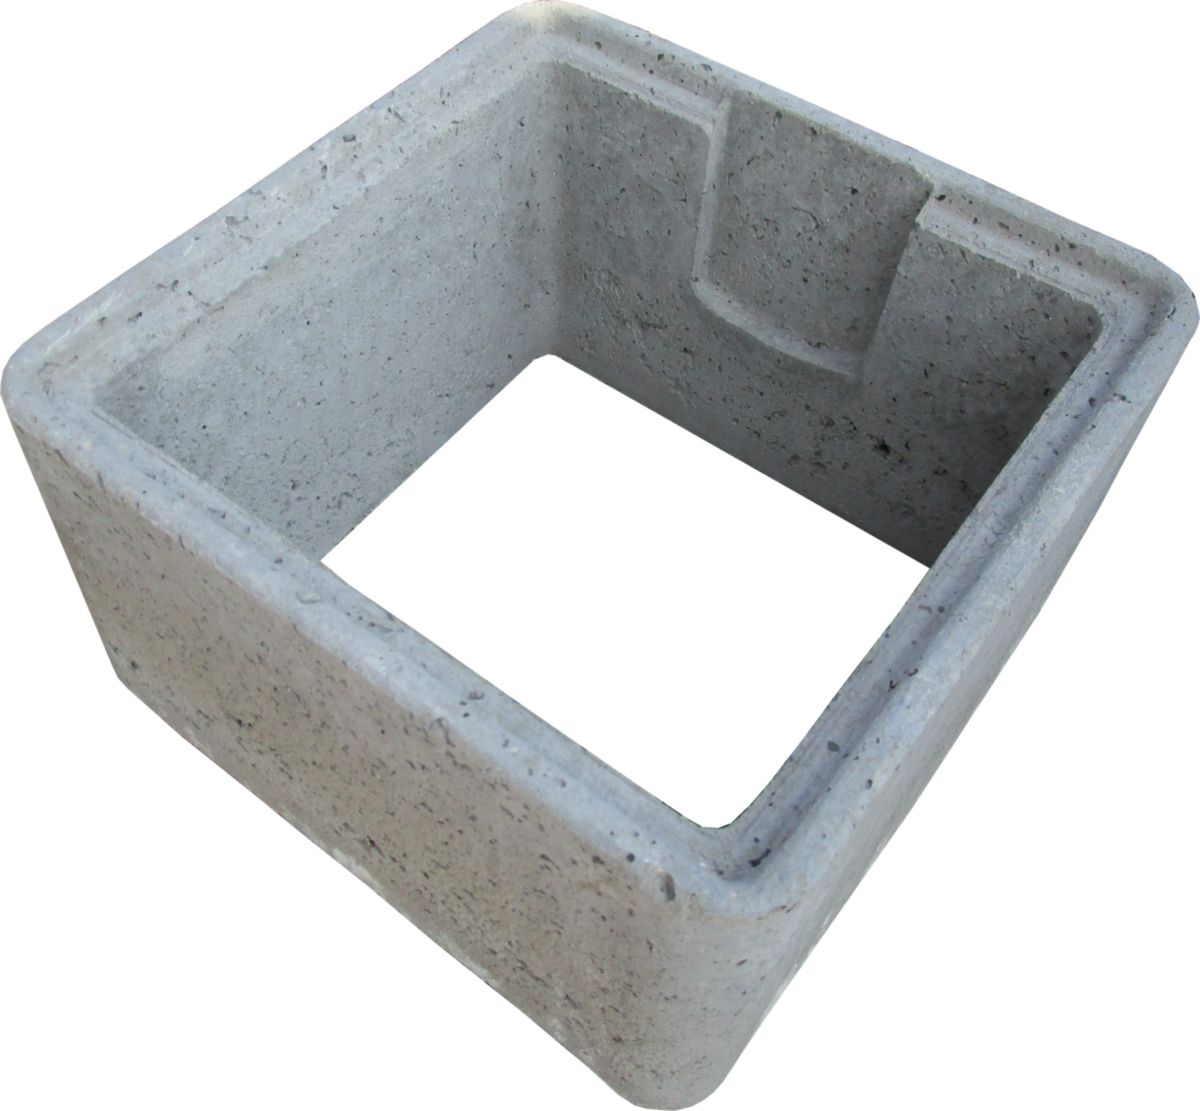 Dufour delattre rehausse embo tement rh 50 pour regard - Rehausse chambre de visite beton ...